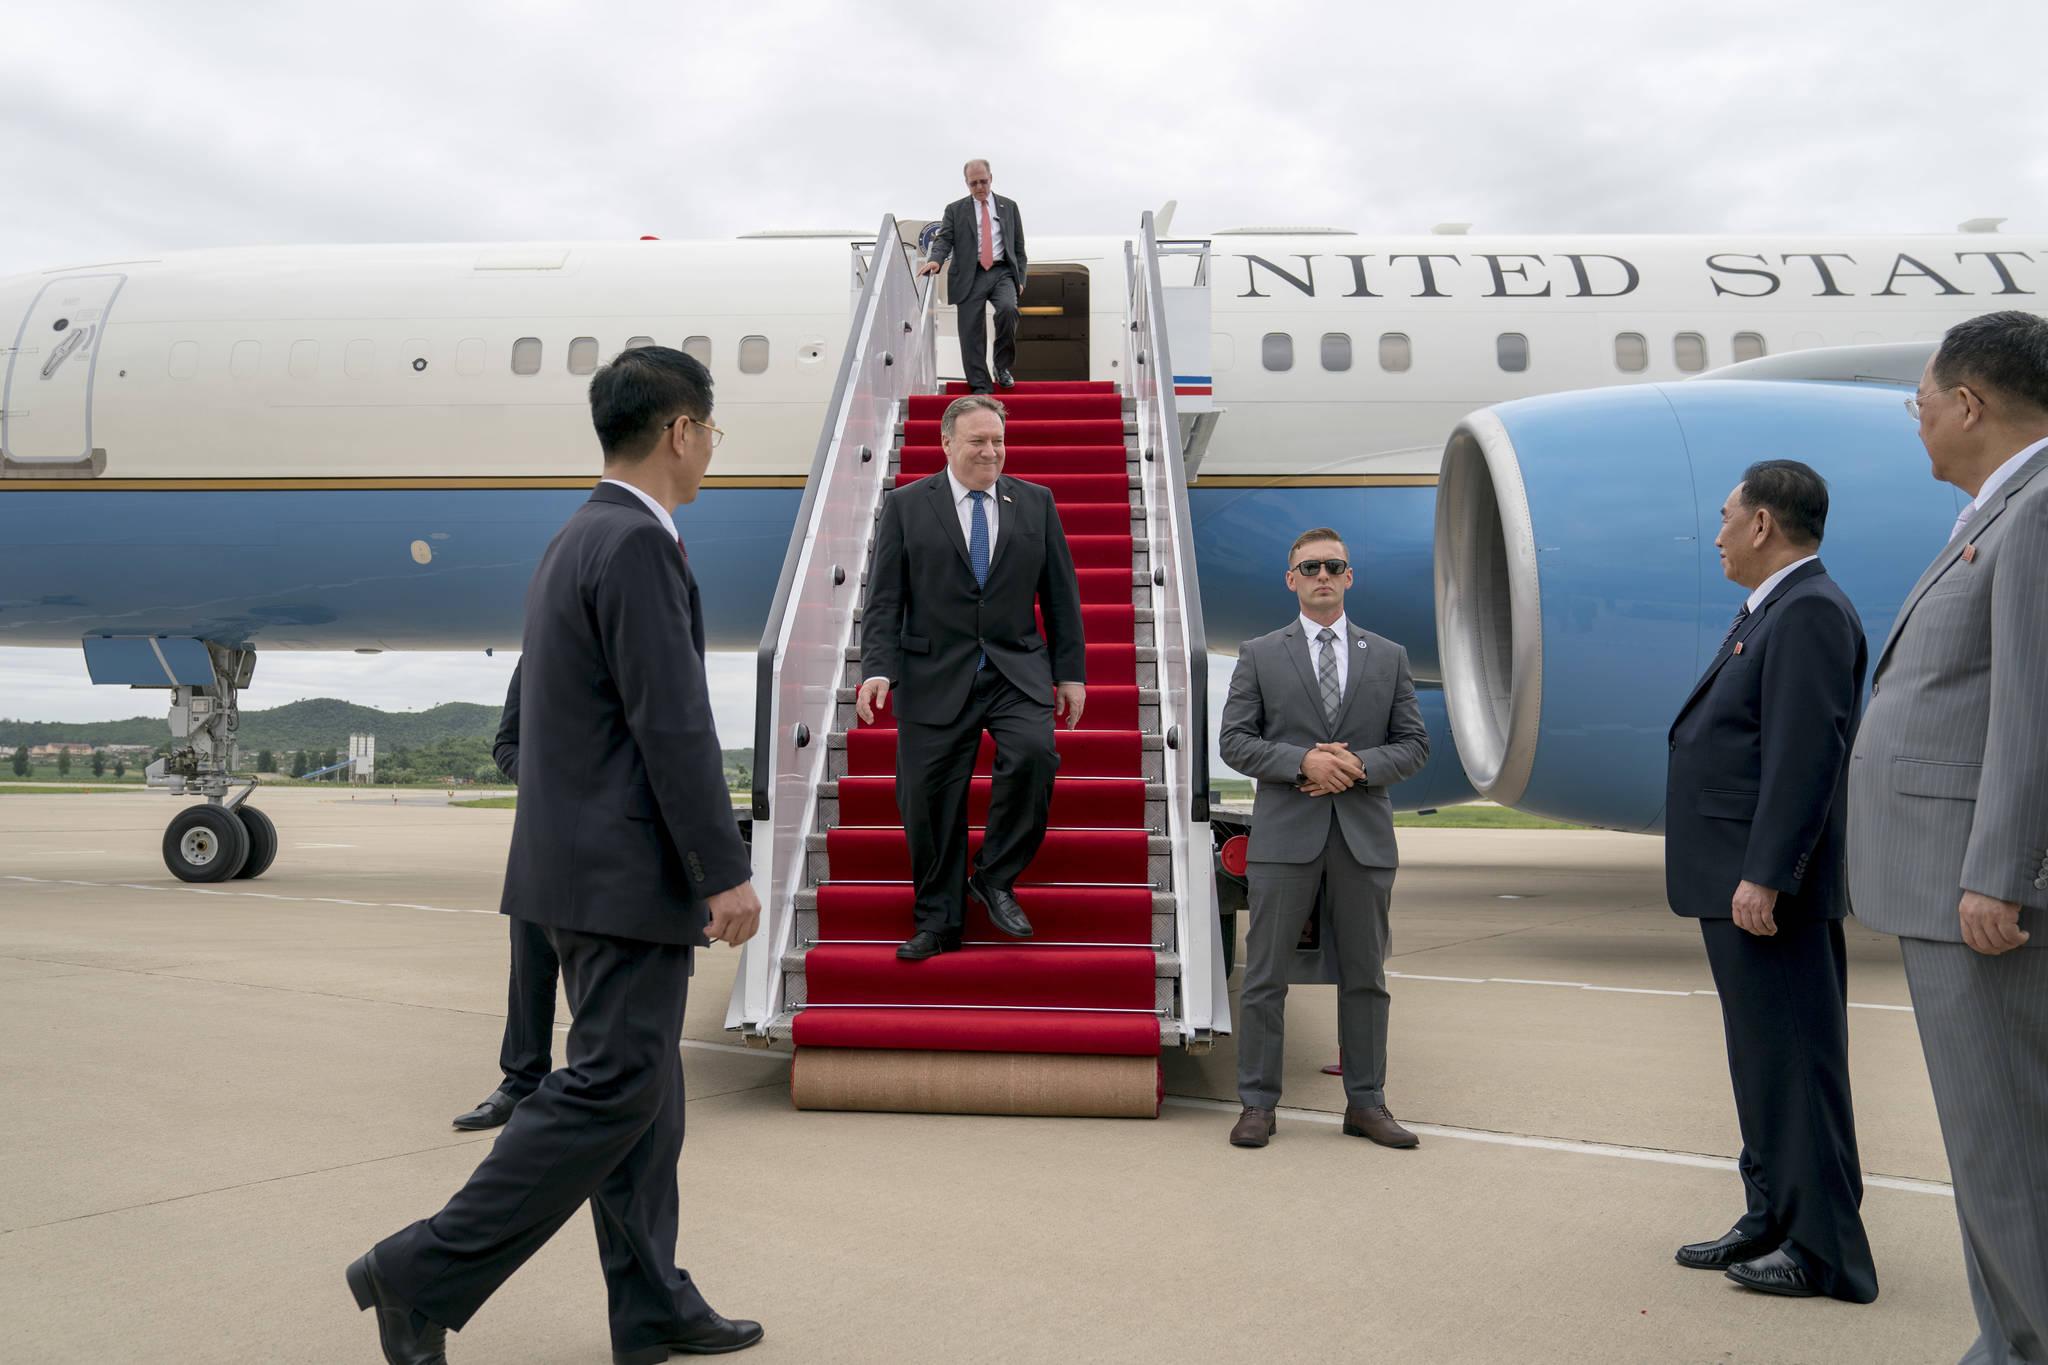 폼페이오 미국 국무부장관이 6일 오후 평양 순안공항에 도착해 트랙을 내려오고 있다. 북한 김영철 노동당 부위원장(오른쪽 둘째)과 이영호 외무상이 폼페이오 장관을 마중나와 대기하고 있다. [AP=연합뉴스]